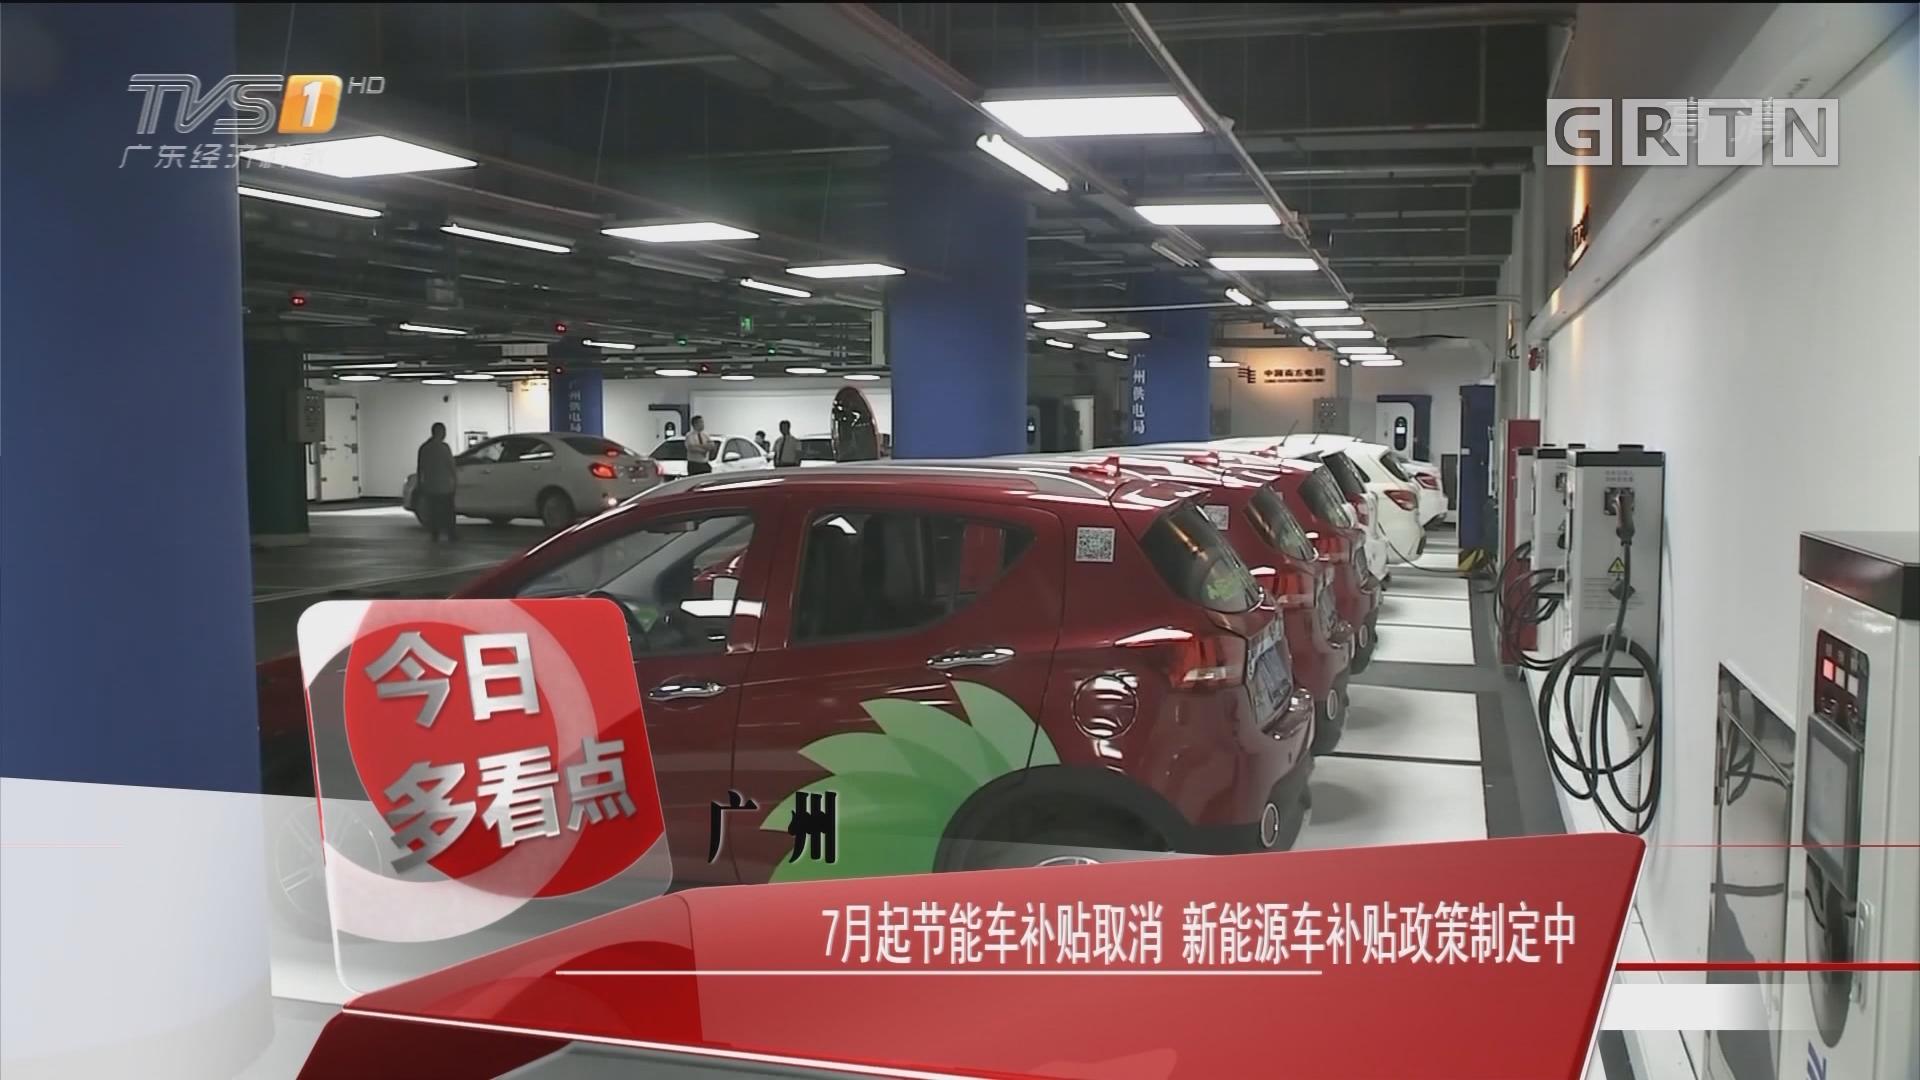 广州:7月起节能车补贴取消 新能源车补贴政策制定中